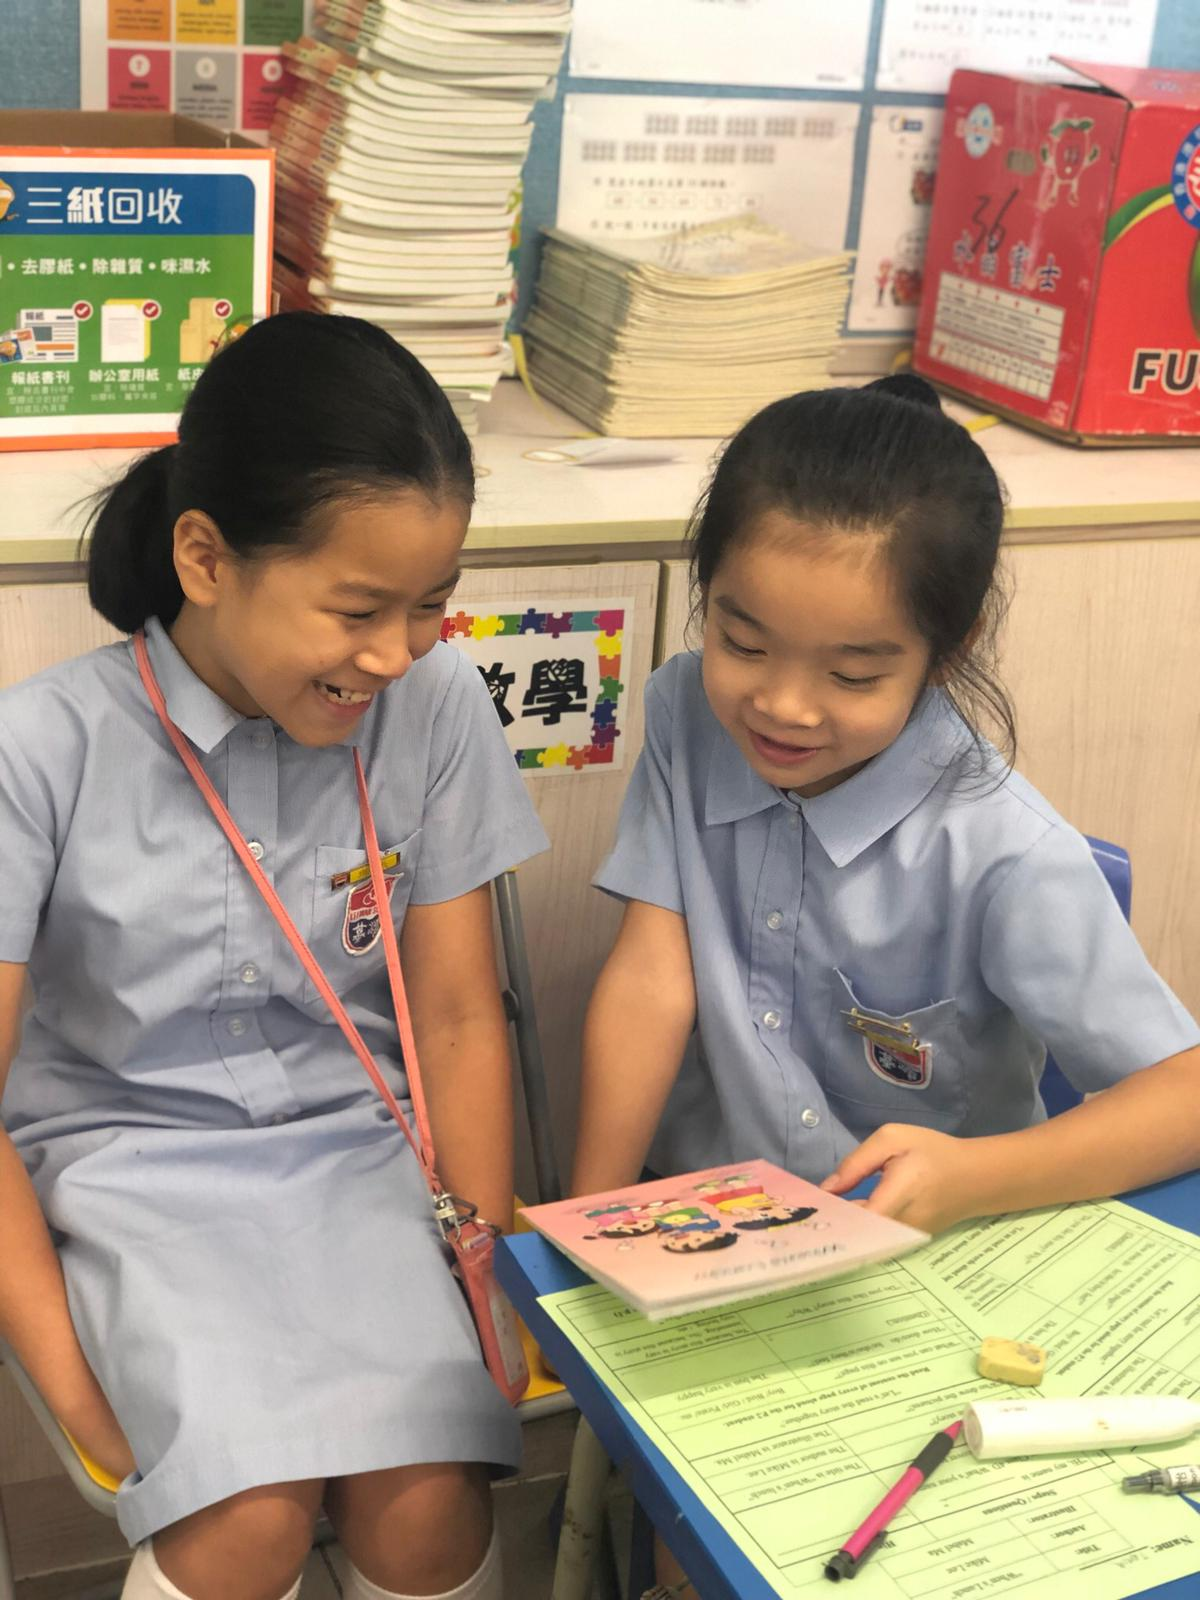 http://www.keiwan.edu.hk/sites/default/files/img-20191005-wa0016.jpg